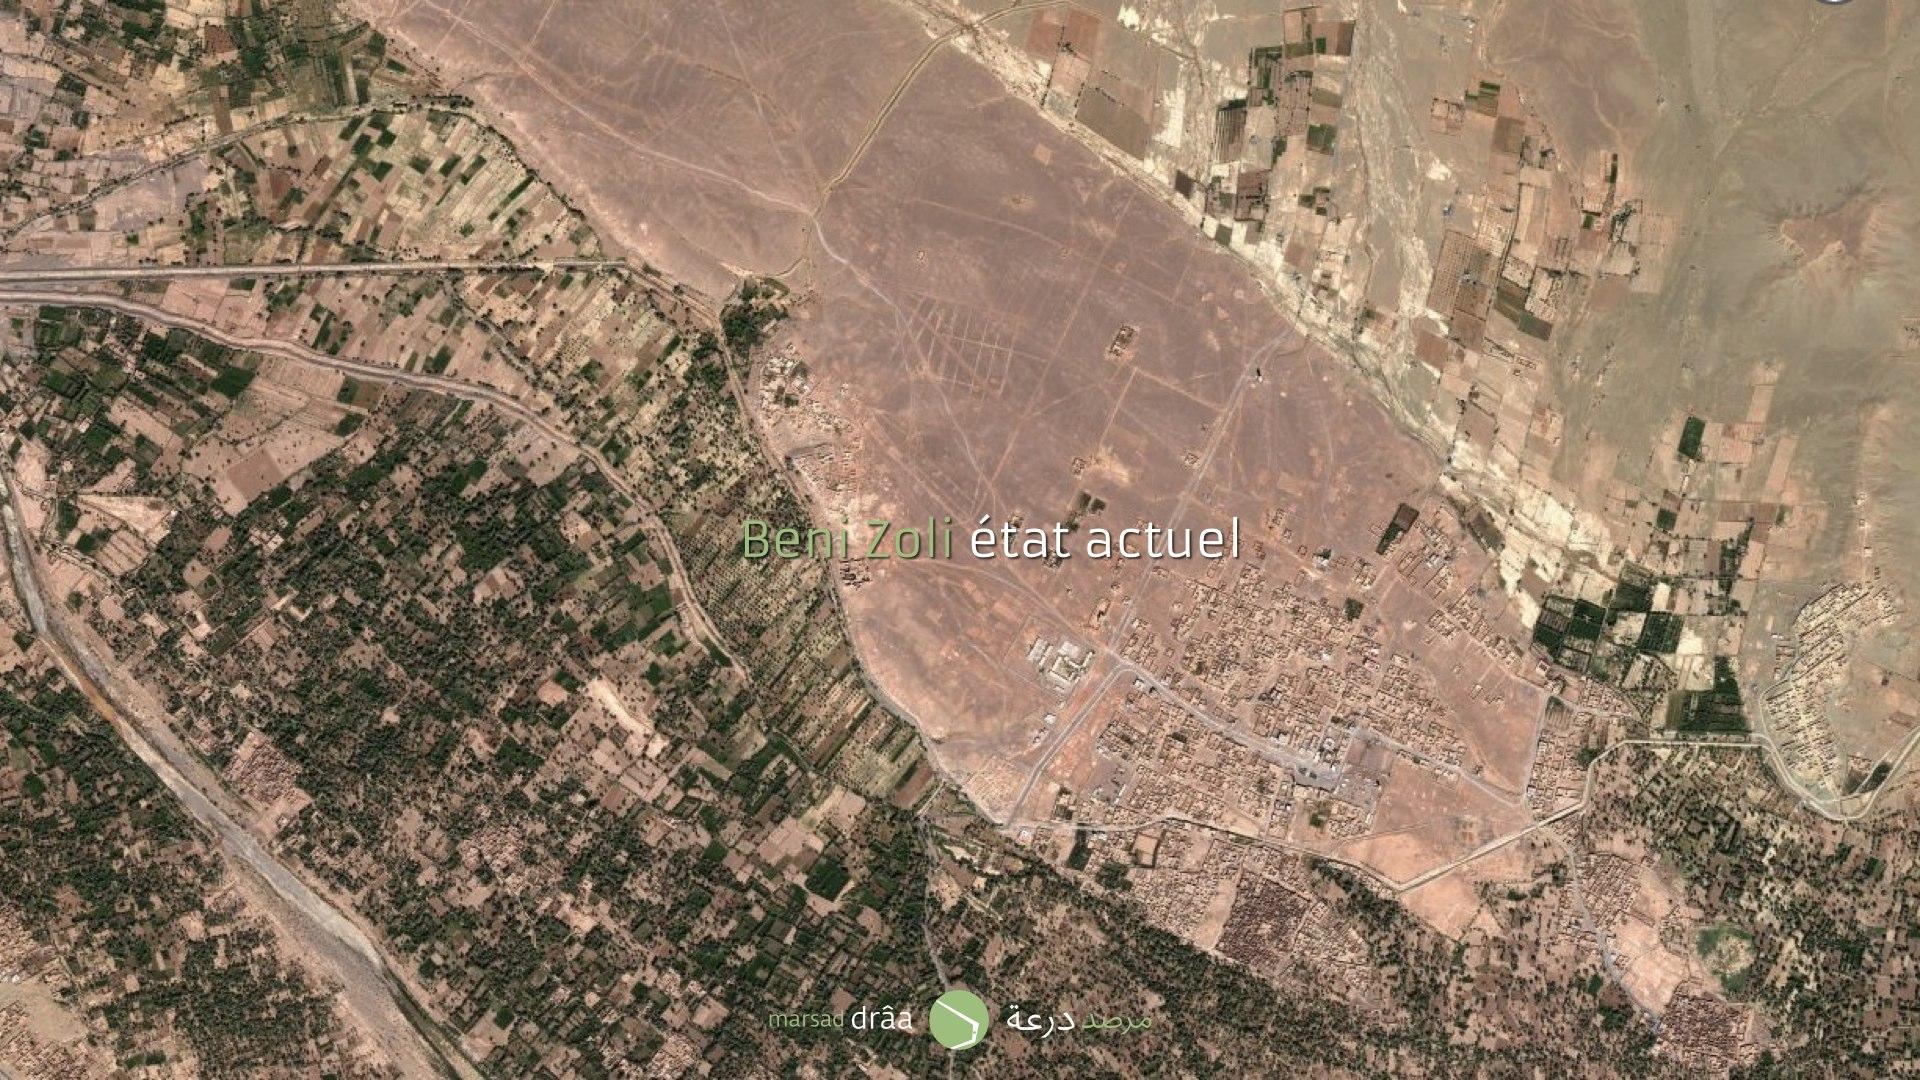 À Beni Zoli, à 17km de Zagora, il y a un village qui attend une augmentation de la population de 6.000 à 15.000 habitants dans les prochains 5ans. Un projet d'aménagement a été proposé sur le terrain occupé auparavant par la palmeraie.